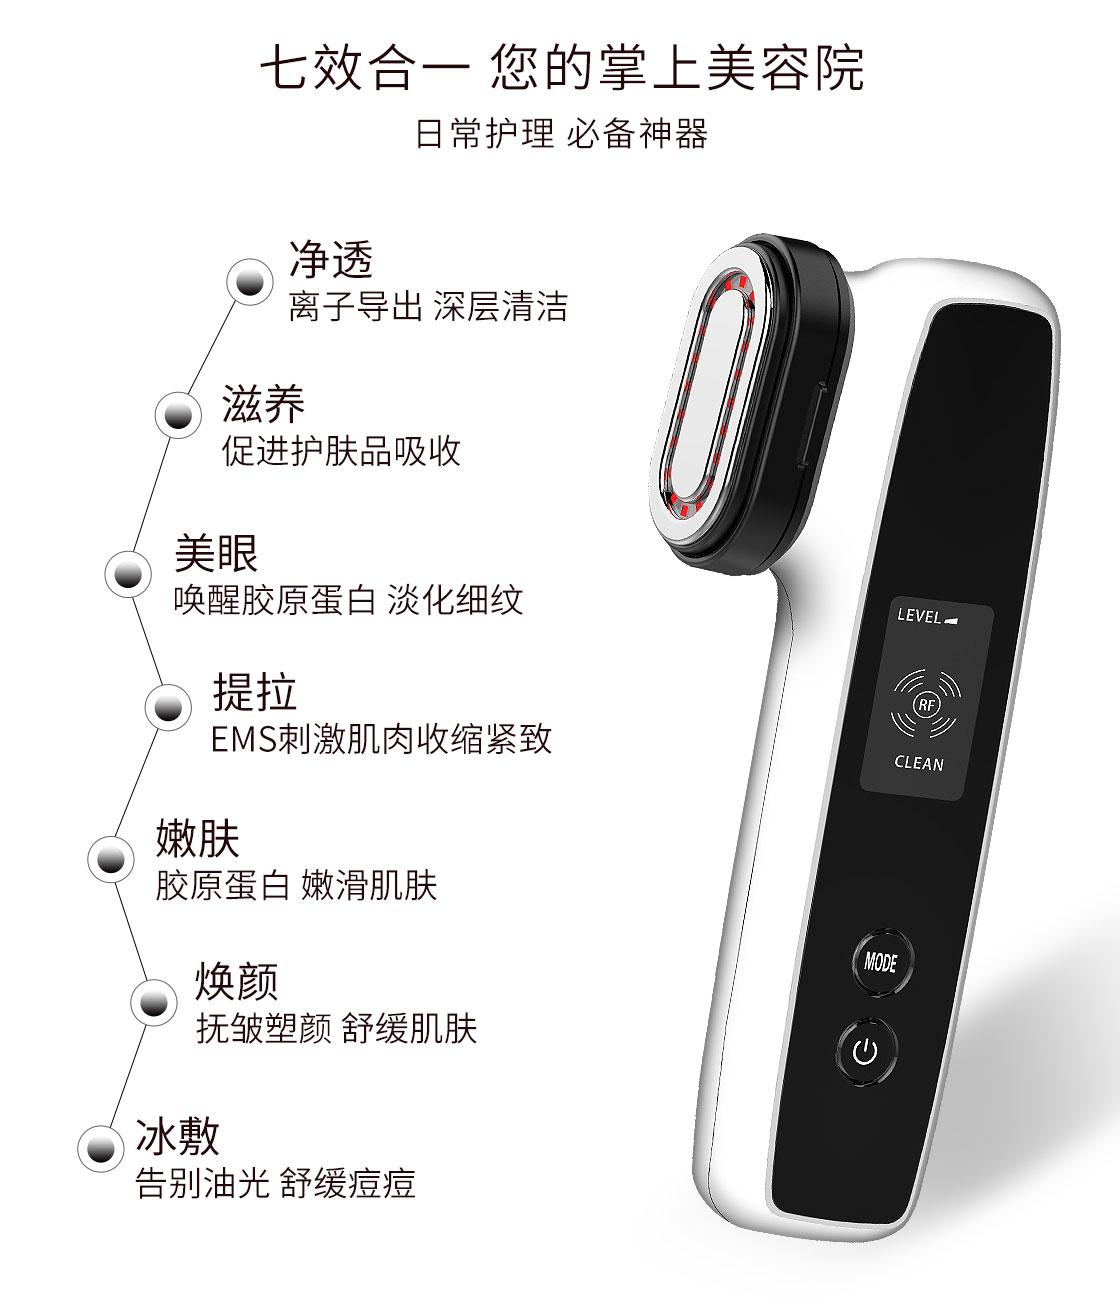 KAKUSAN多功能RF射频仪 网红款童颜射频美容仪六大功效